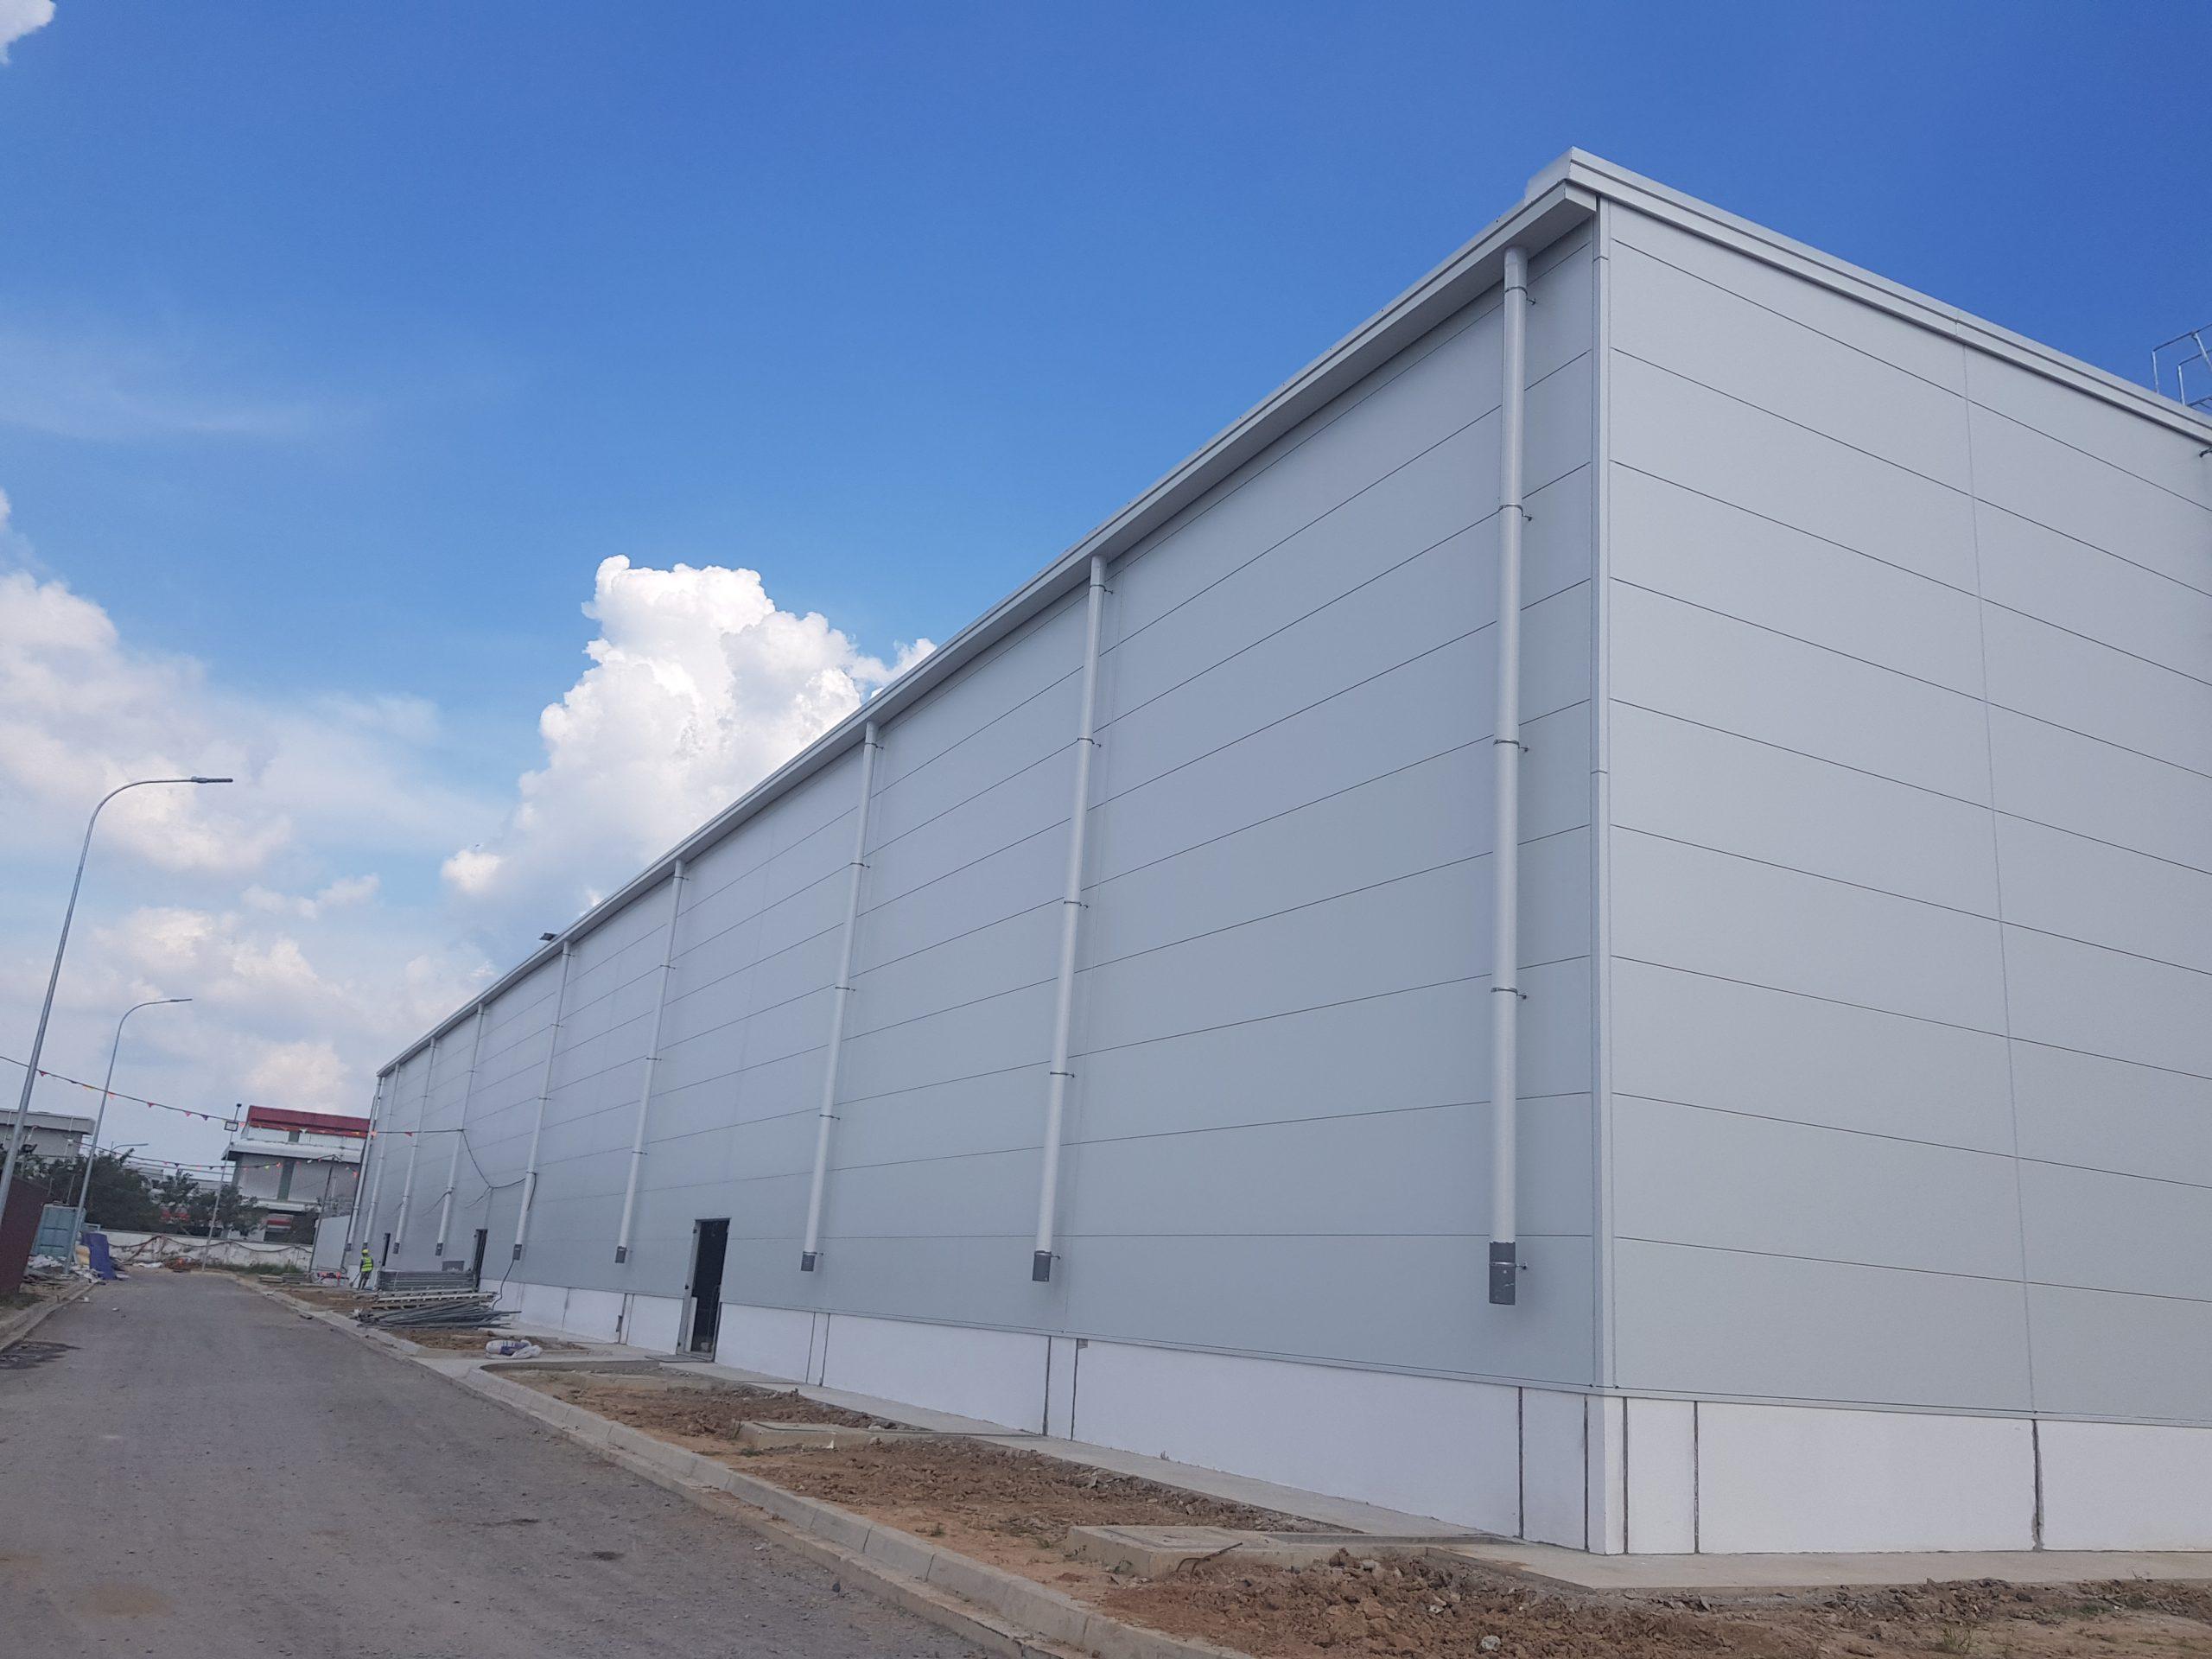 Các doanh nghiệp nên chọn xây nhà xưởng tiền chế của PEB Steel - 1